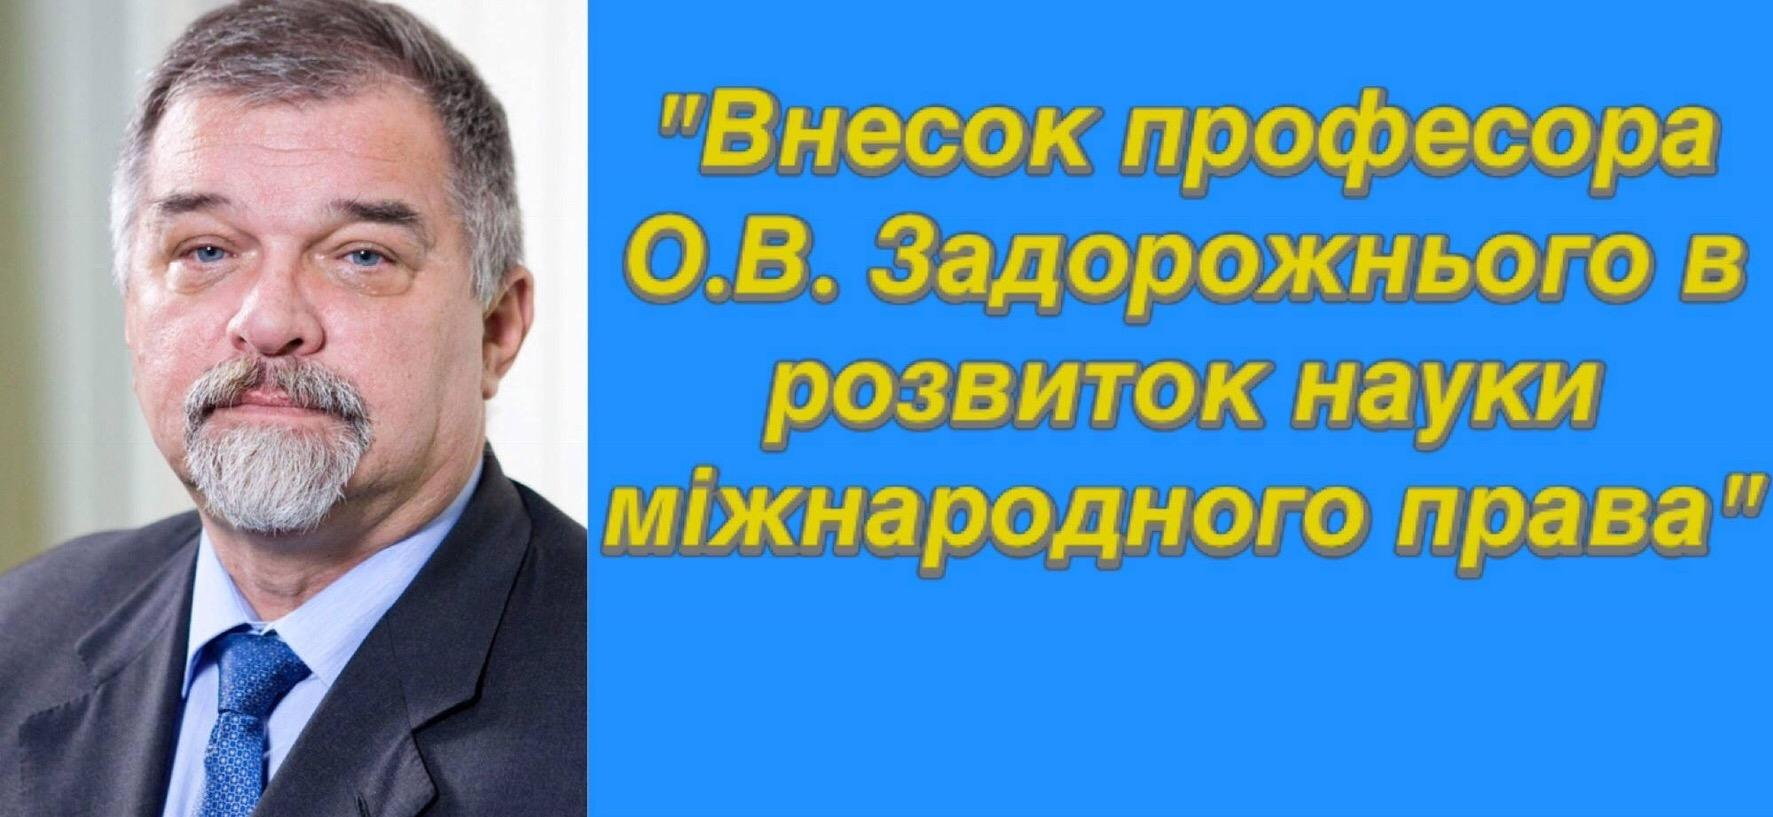 Програма міжнародно-правових читань пам'яті Олександра Вікторовича Задорожнього